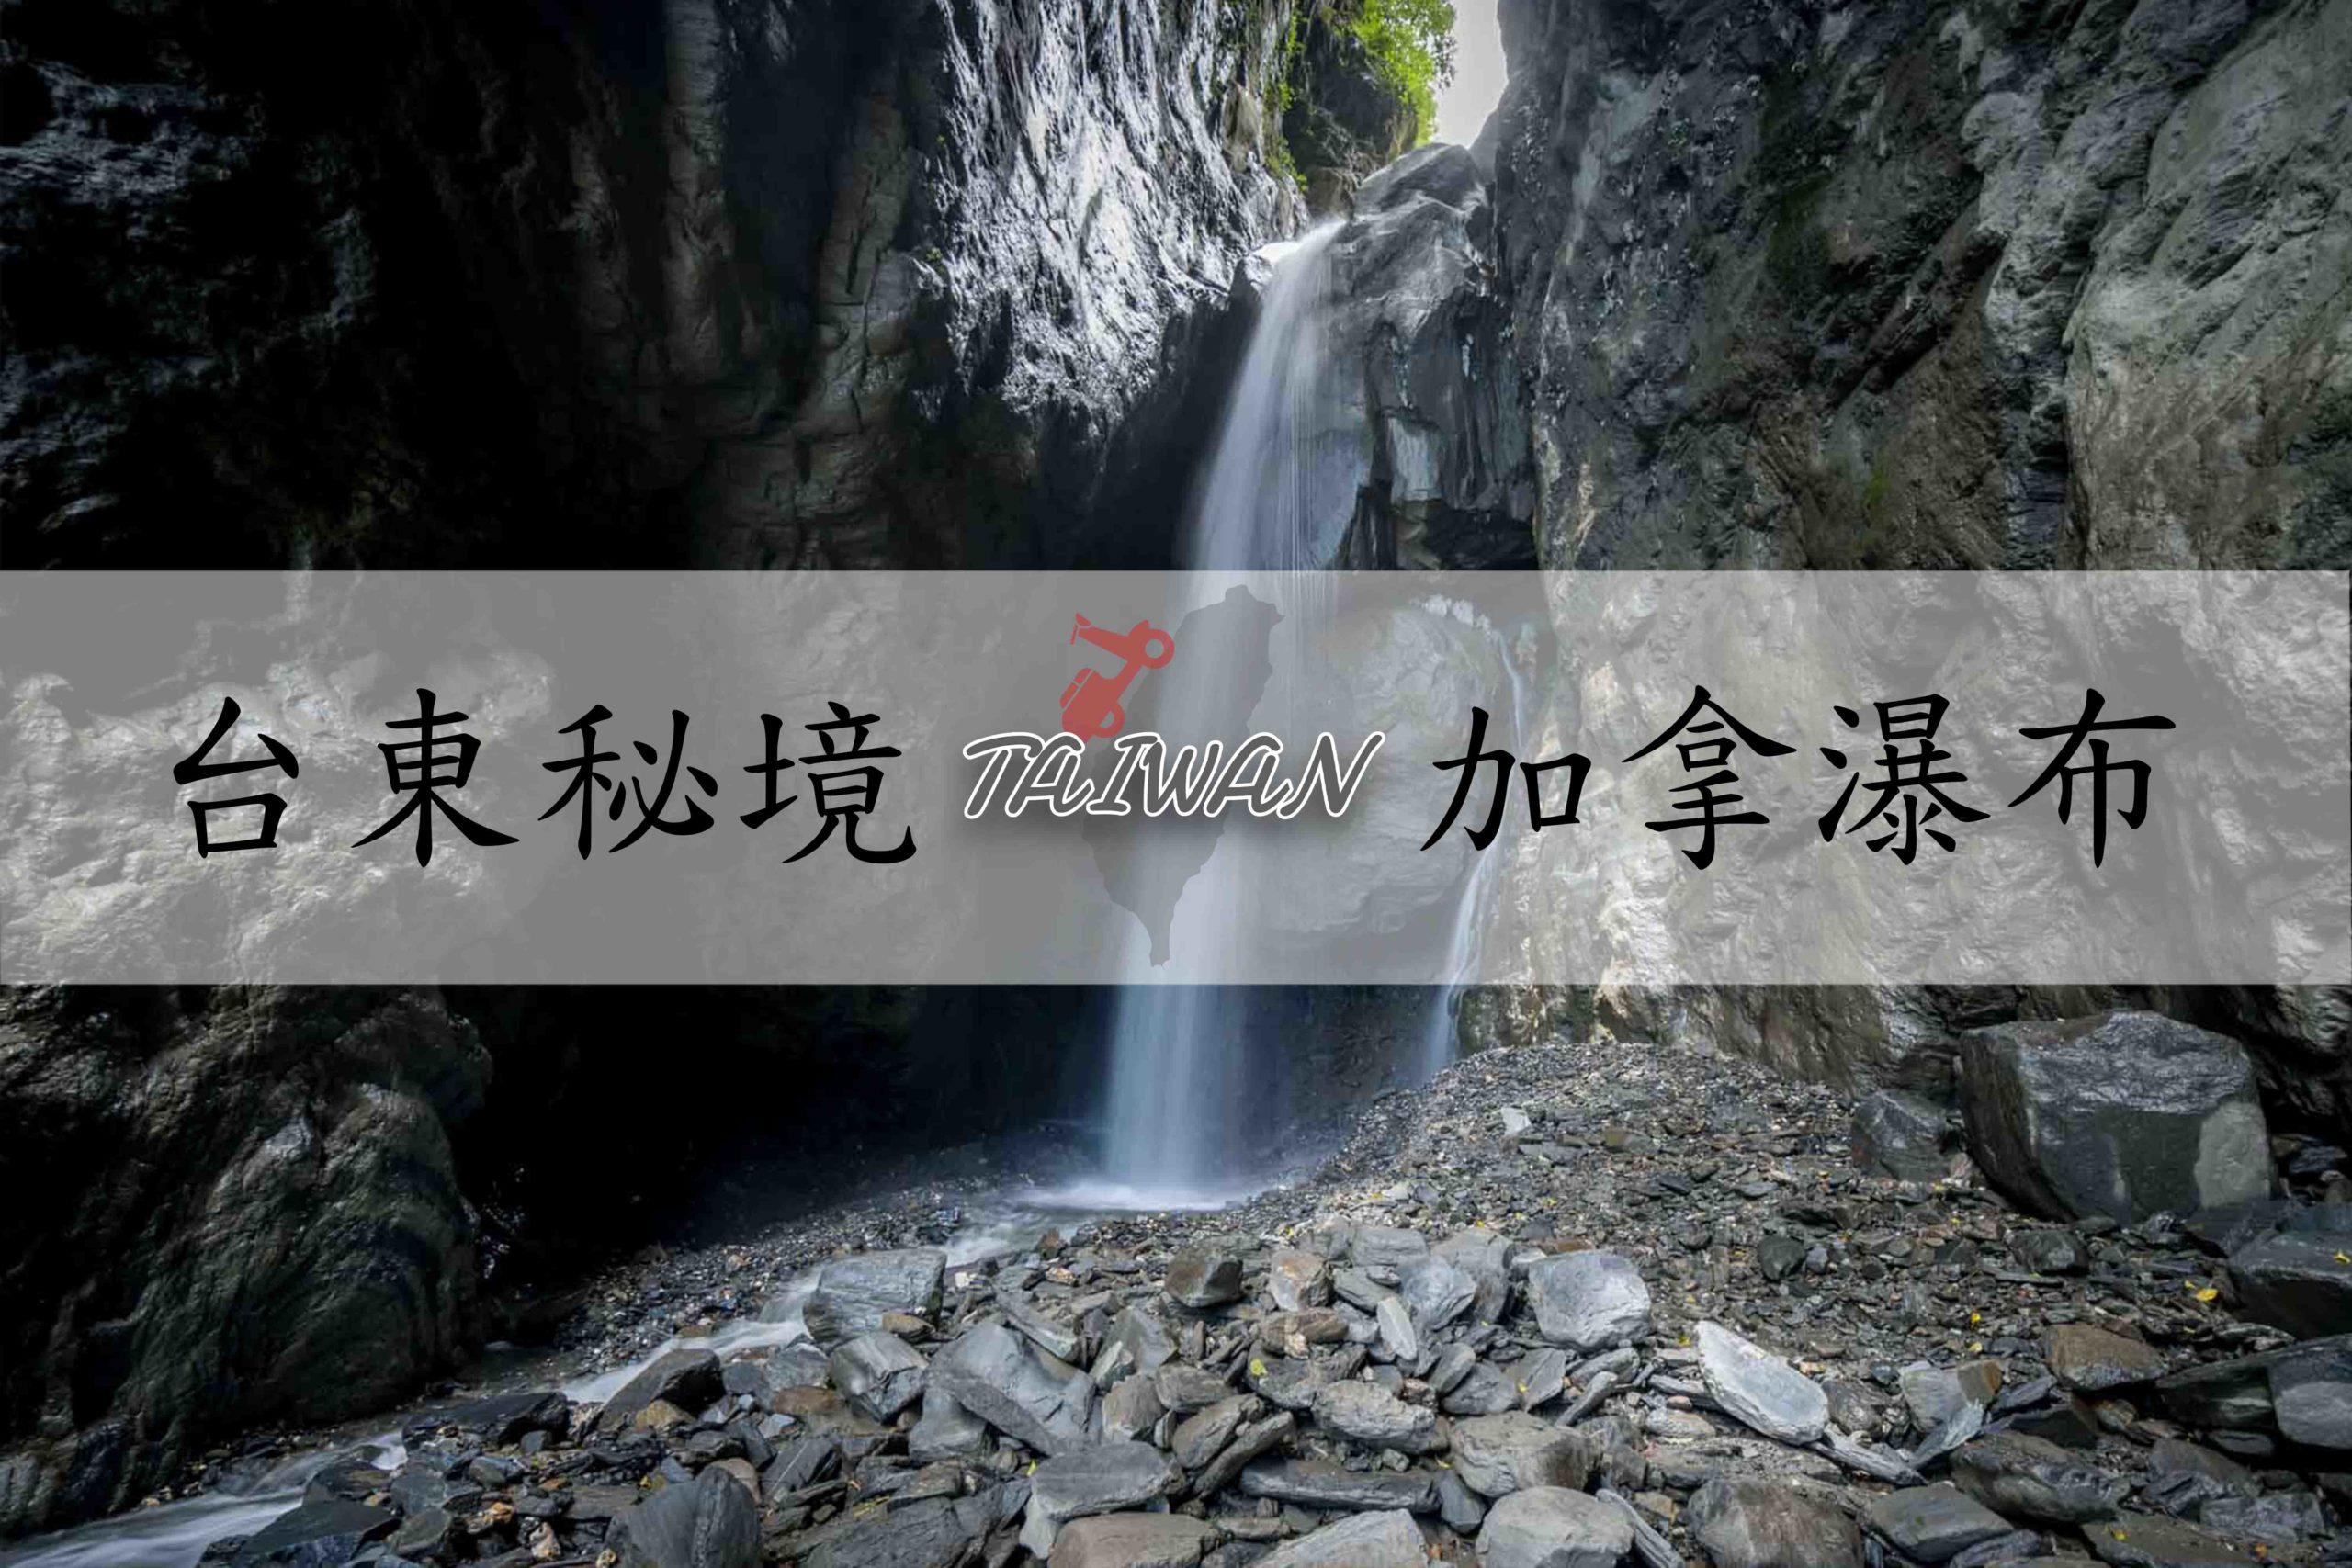 『台東海端秘境』未開發景點,大自然的偉大之作,峽谷瀑布|加拿瀑布